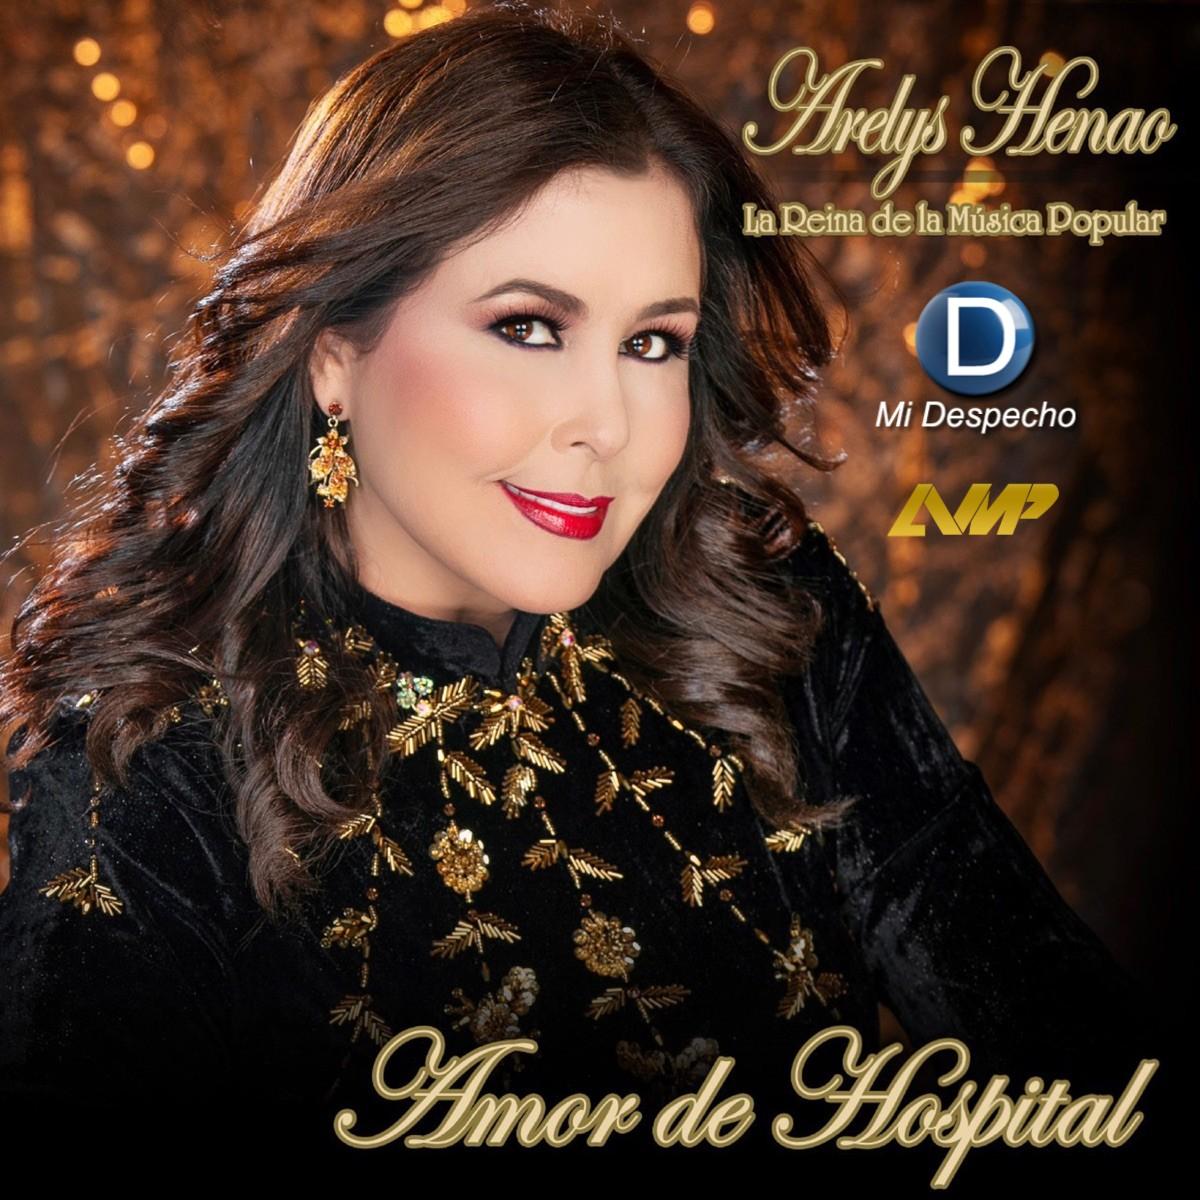 Arelys Henao Amor De Hospital Frontal